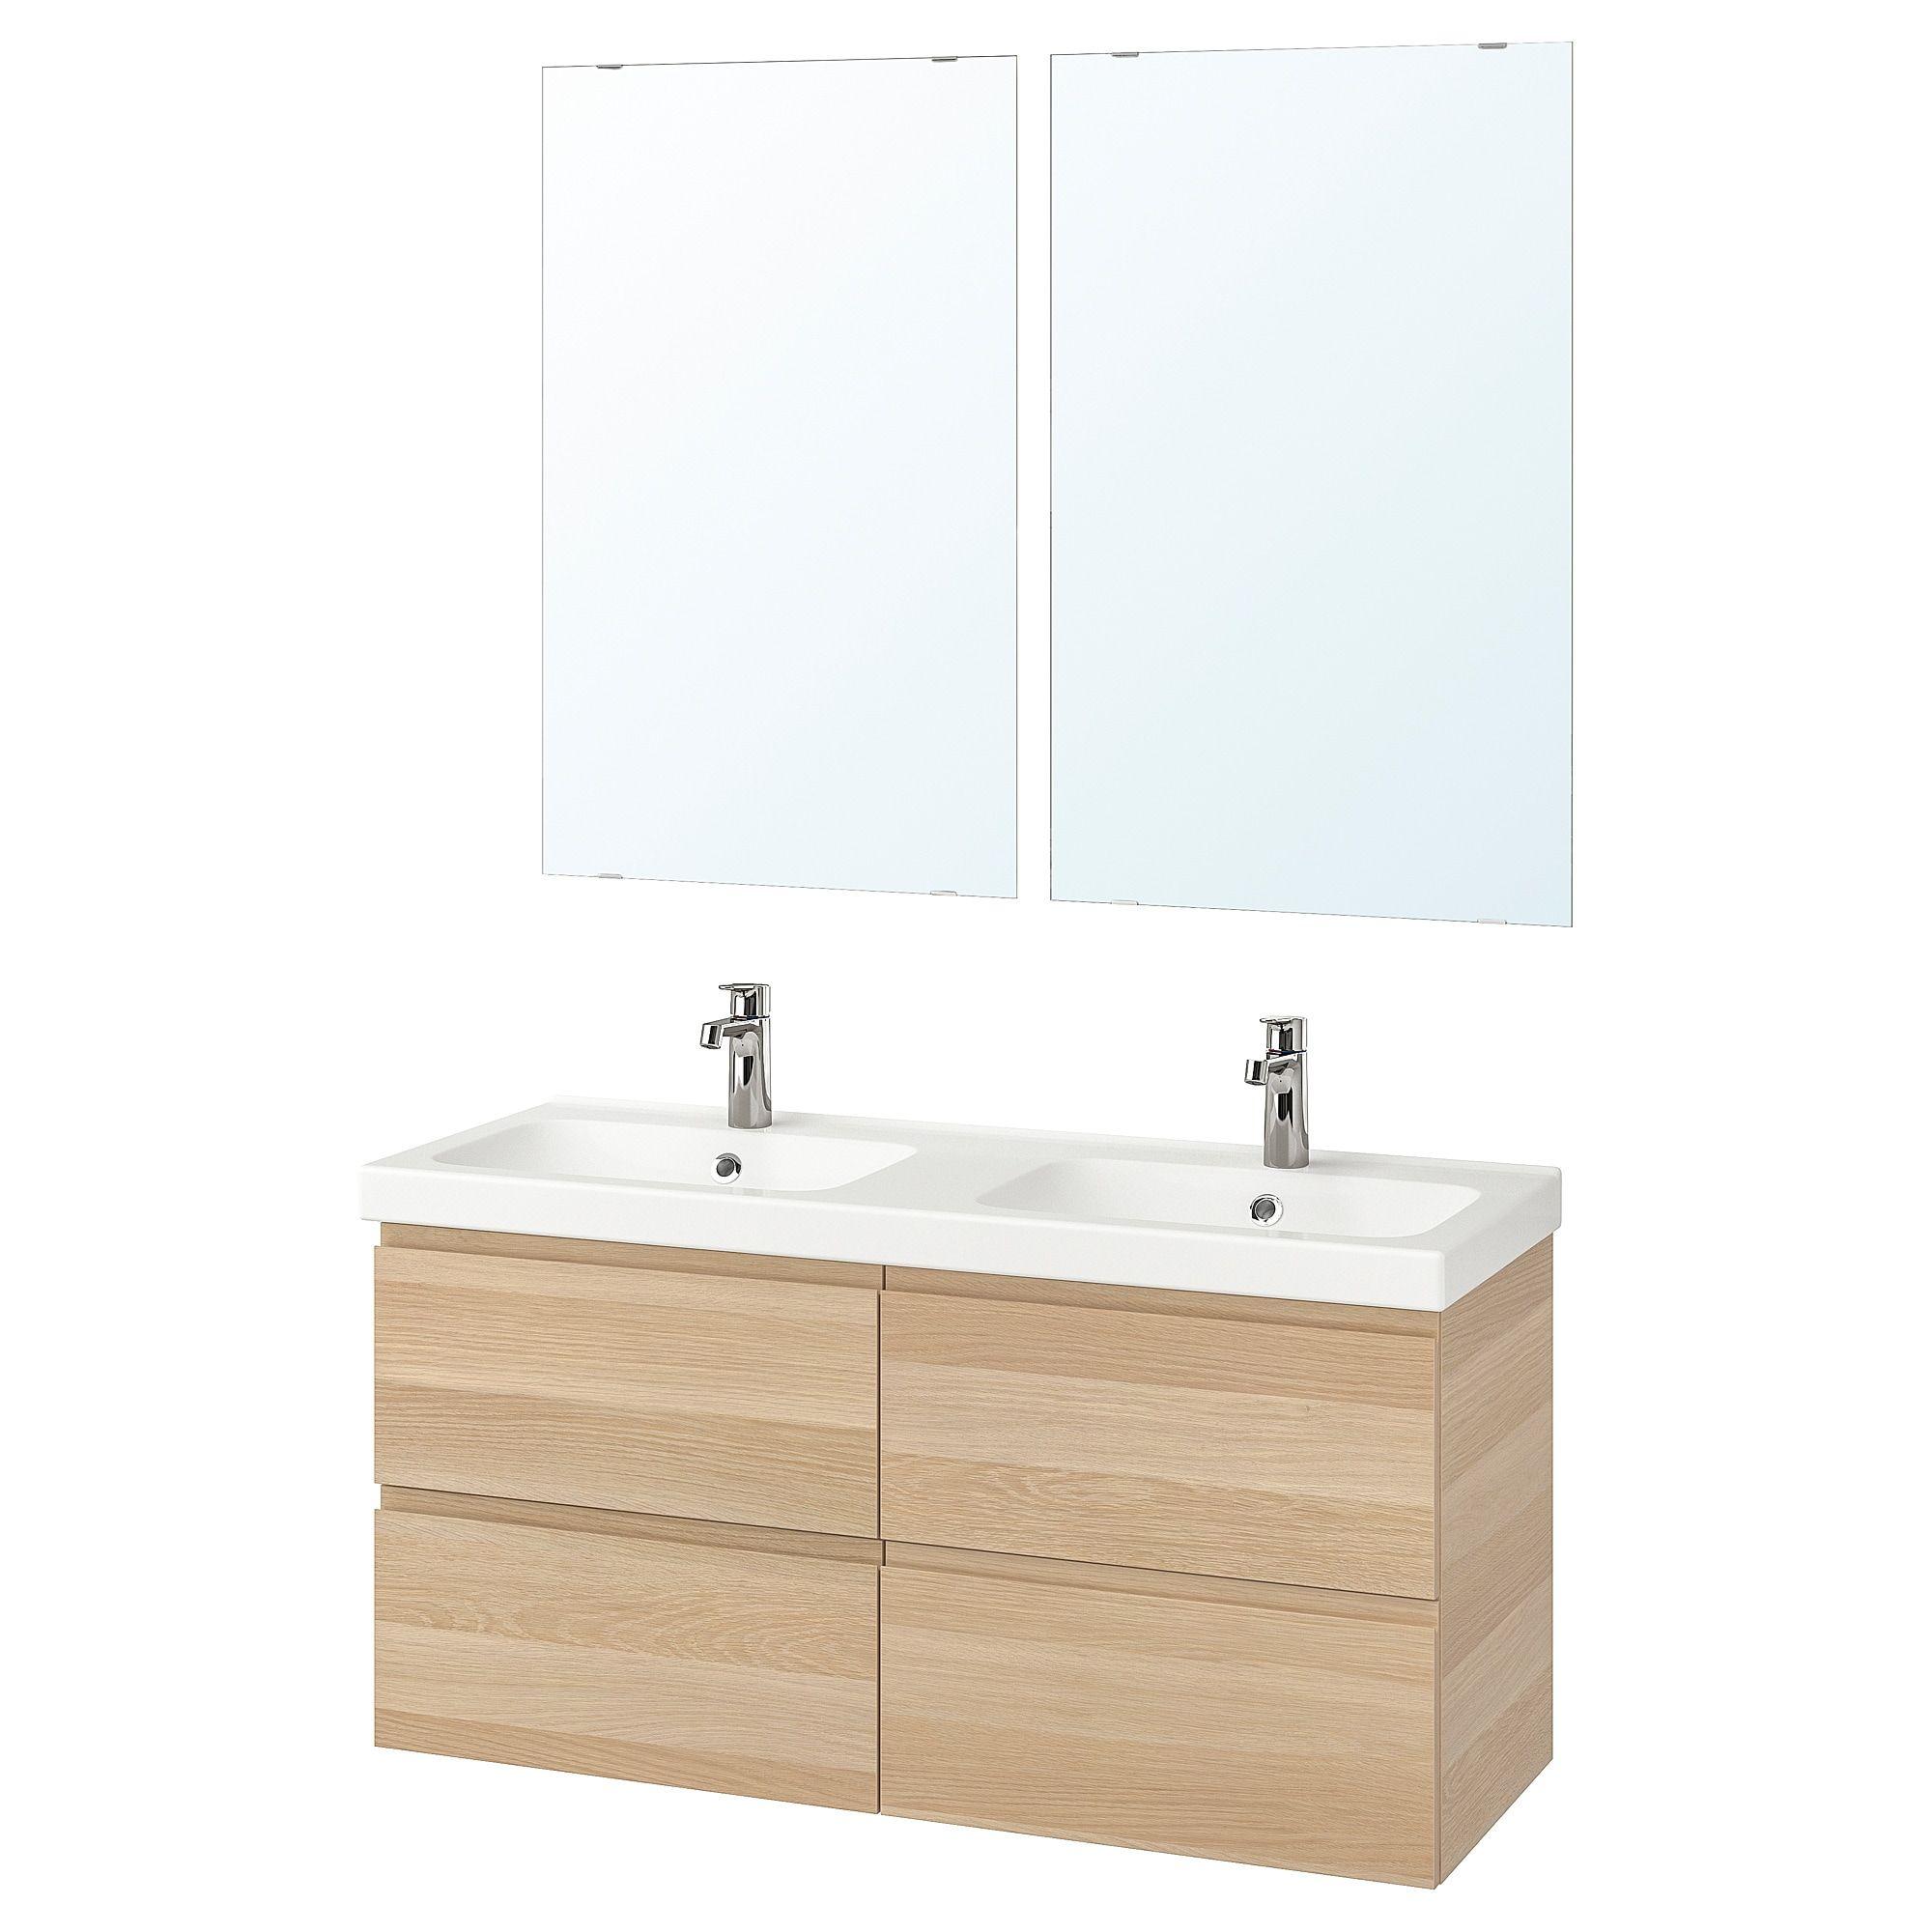 Ikea Godmorgon Odensvik Badeinrichtung 6 Tlg Eicheneff Wlas